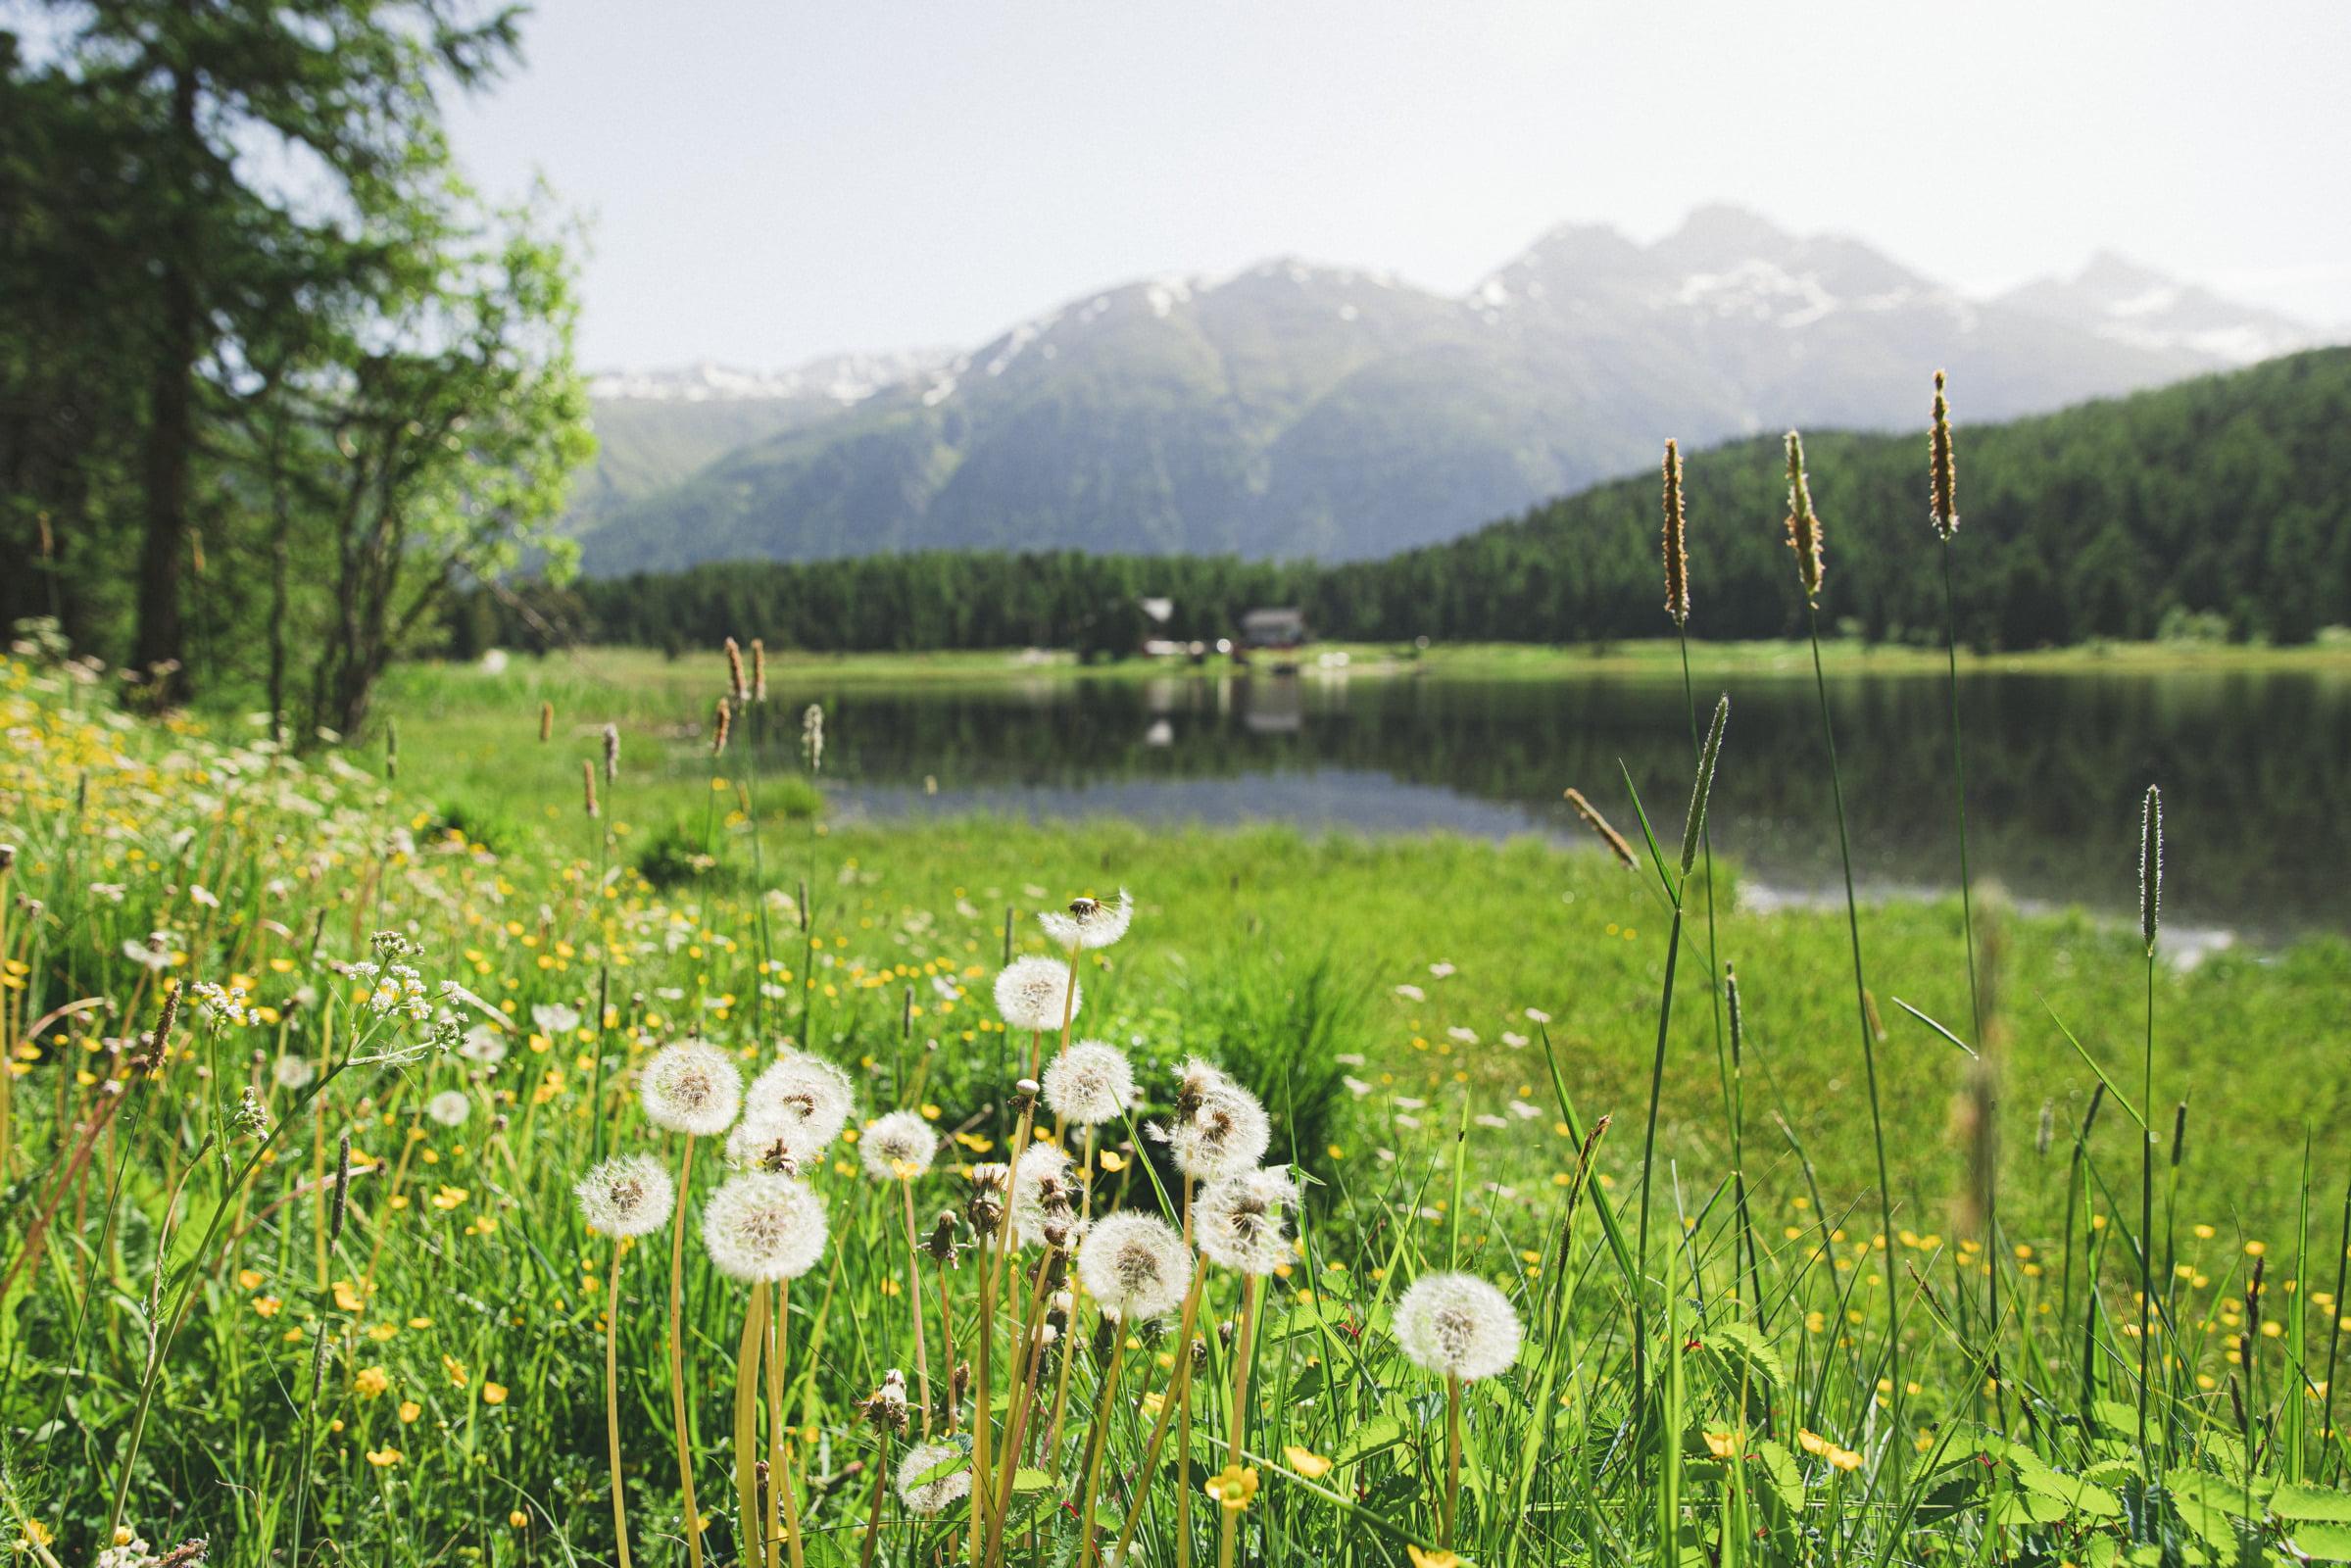 48H in St. Moritz